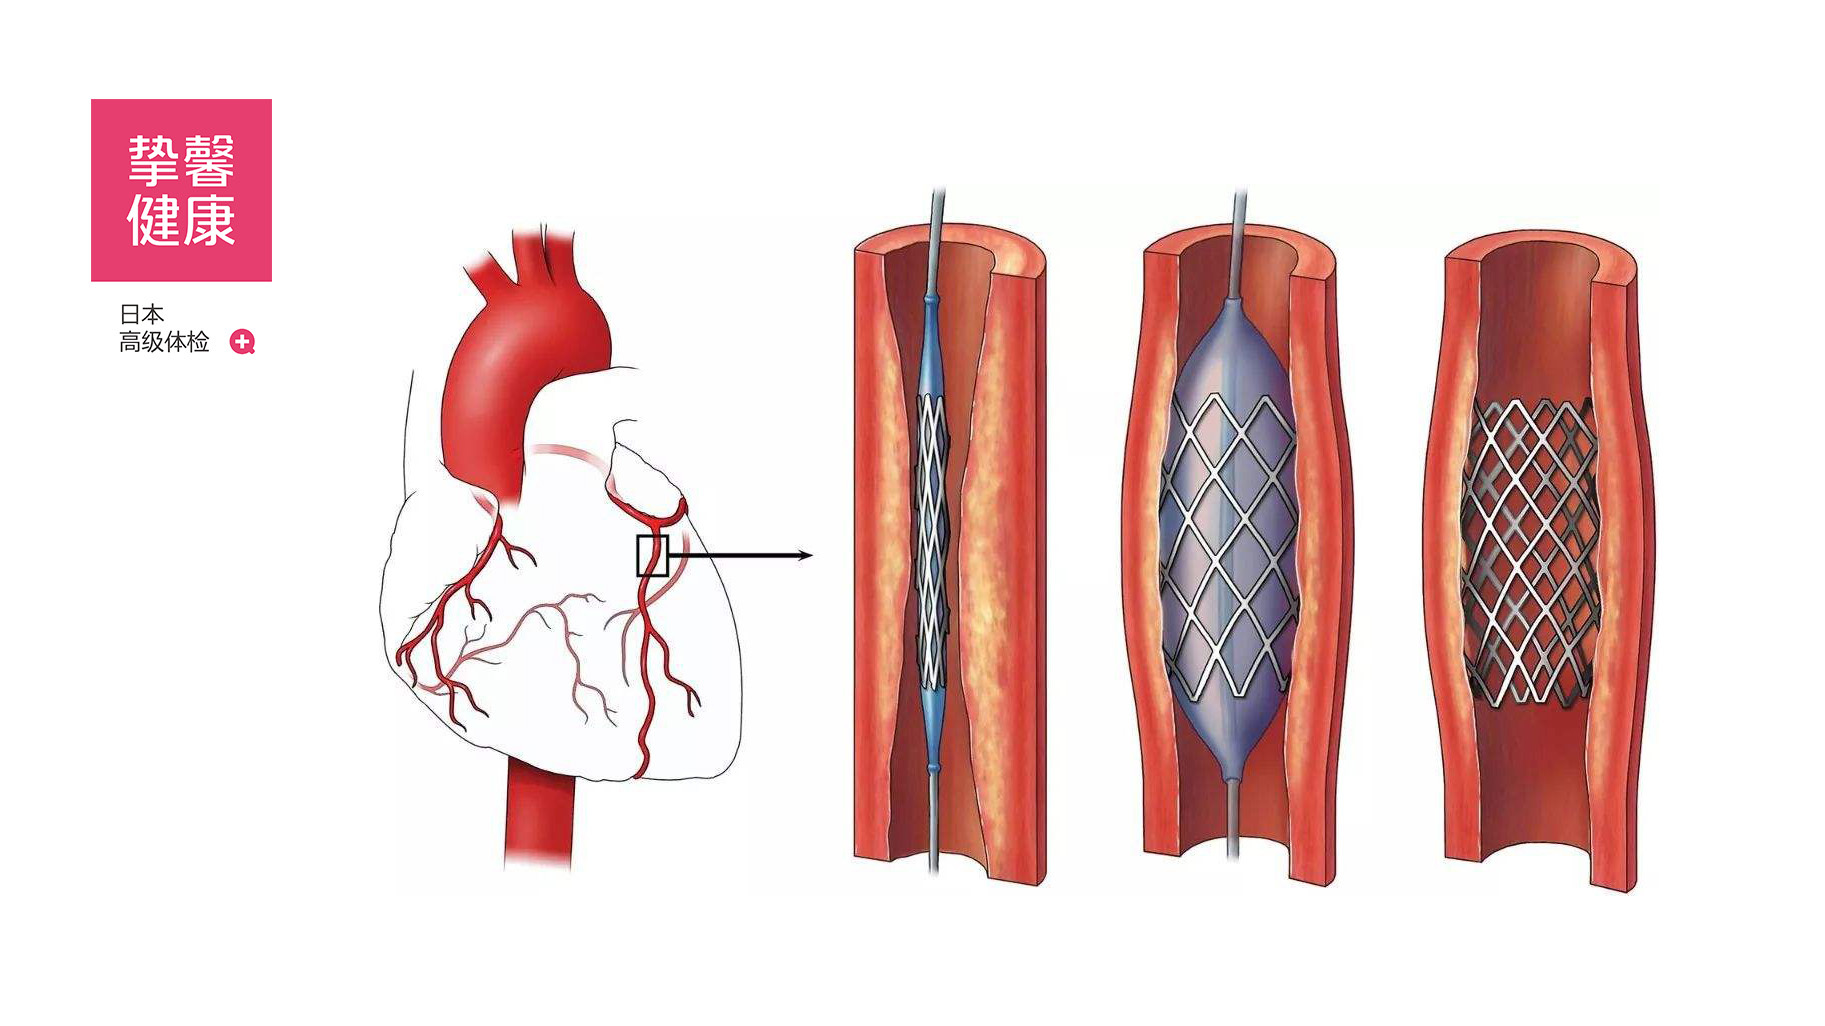 目前医疗已出现的心脏支架分哪几类?